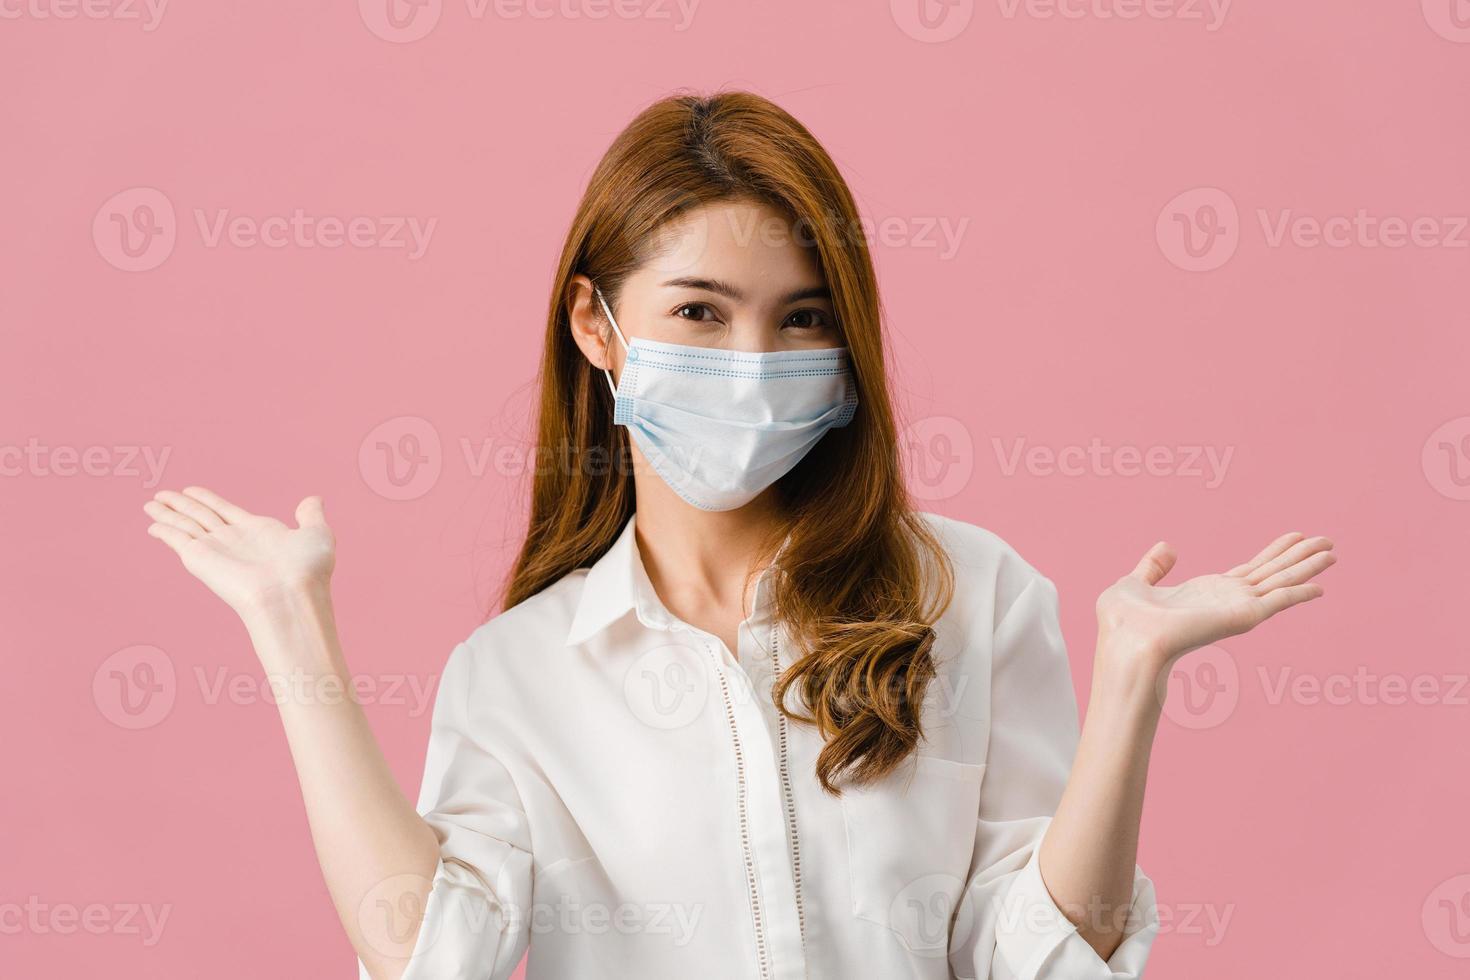 ung asiatisk tjej som bär medicinsk ansiktsmask som visar fredstecken, uppmuntra med klädd i vardaglig trasa och titta på kameran isolerad på rosa bakgrund. social distansering, karantän för corona. foto